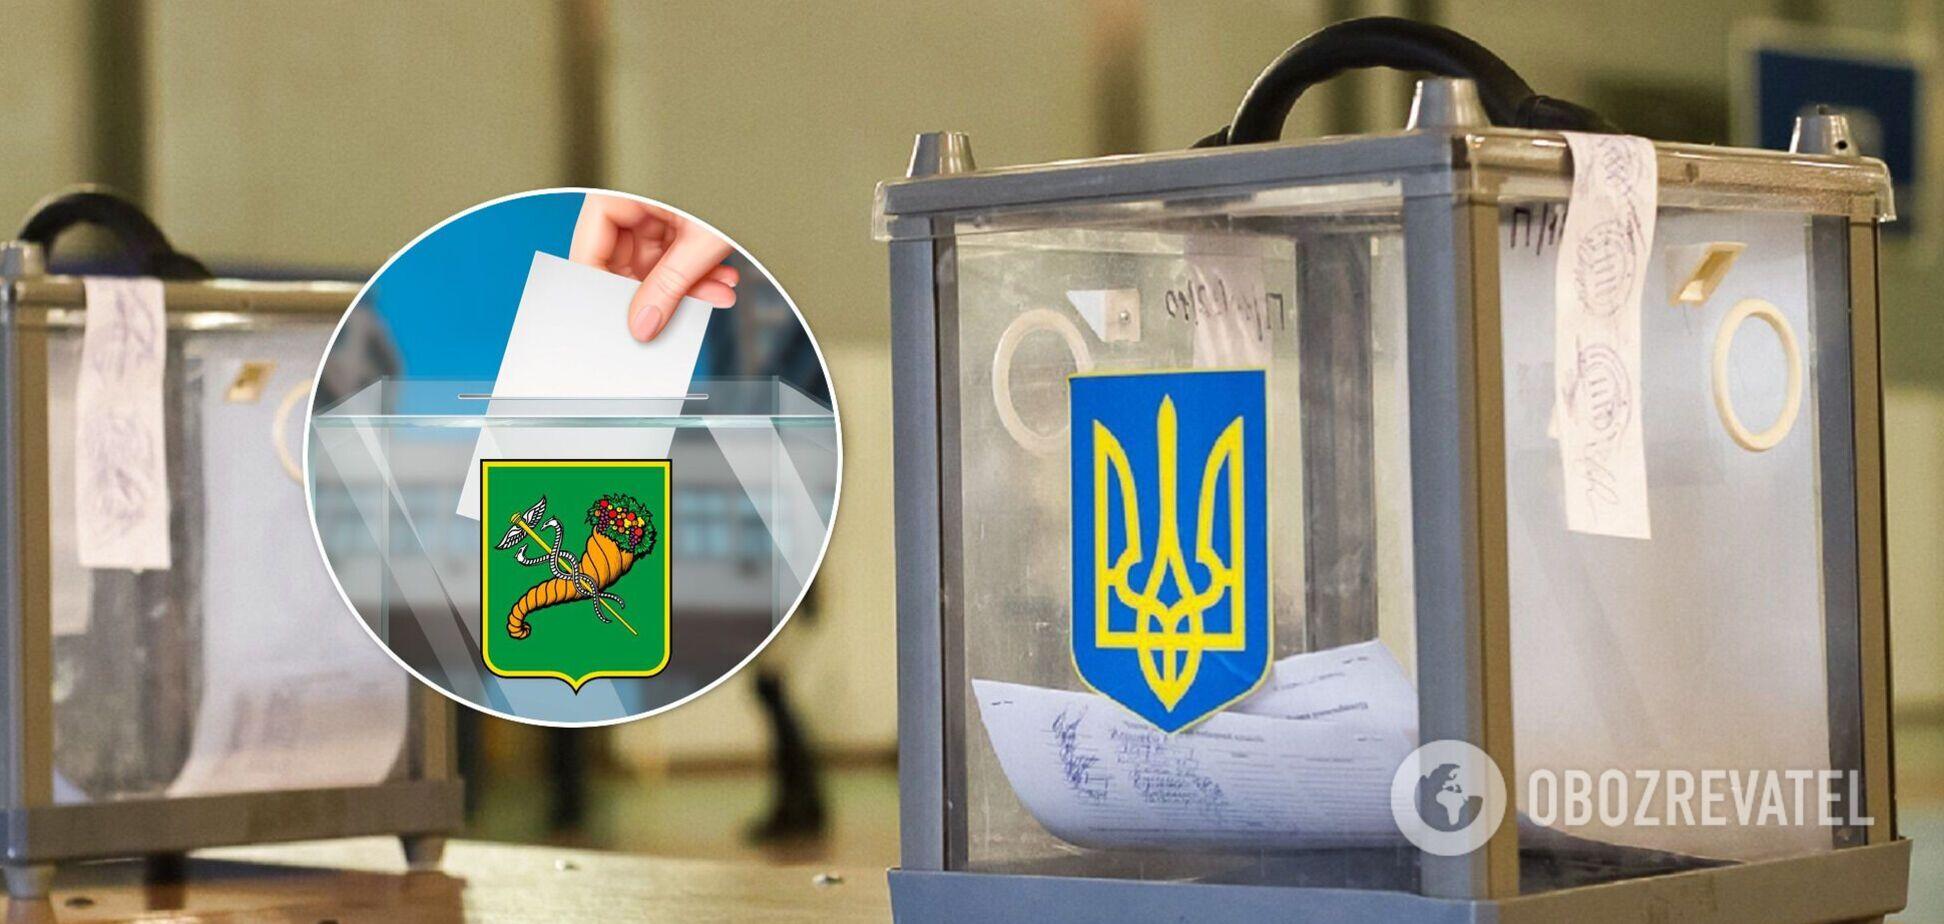 Харьков захлестнет неконтролируемый поток черного пиара – Комитет избирателей Украины